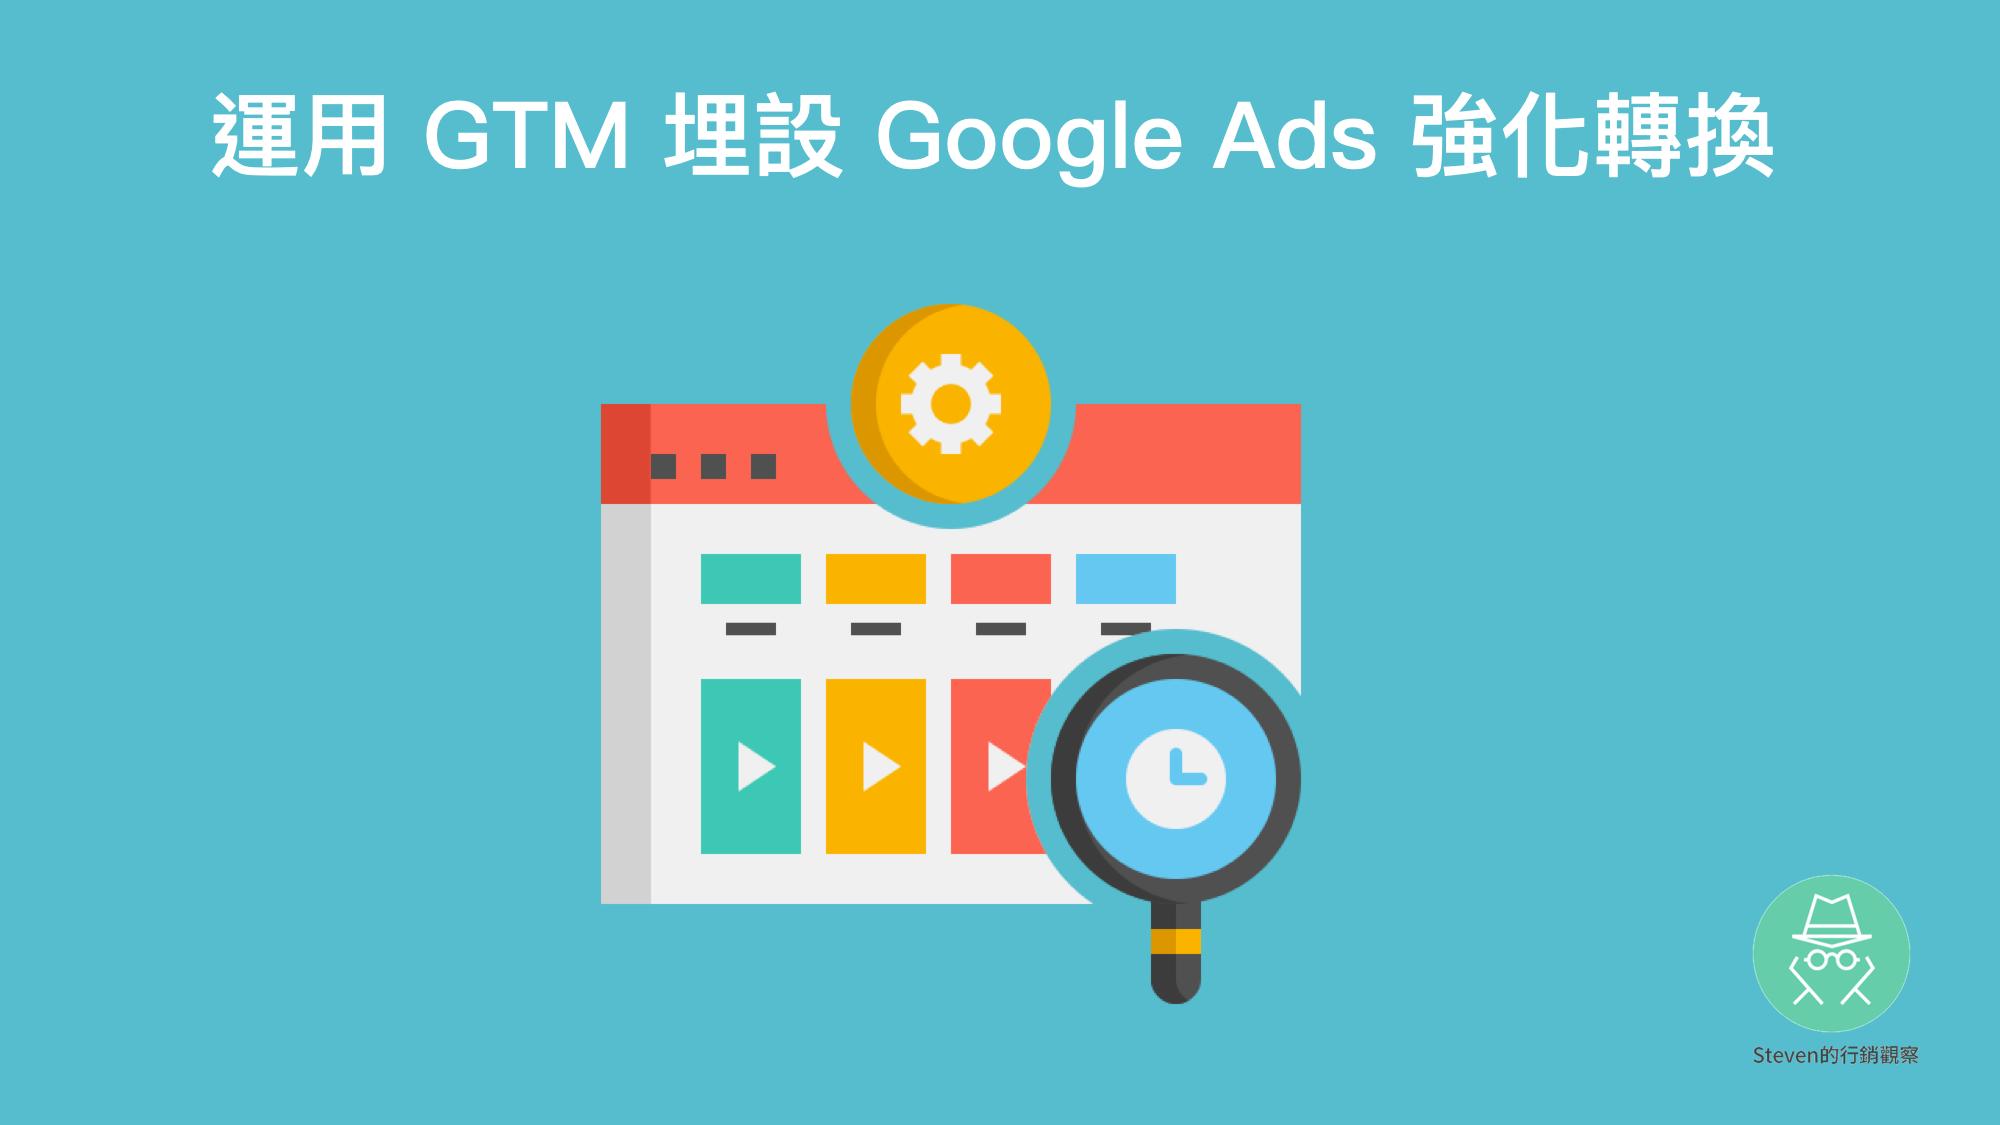 【廣告筆記】運用 GTM 埋設 Google Ads 強化轉換